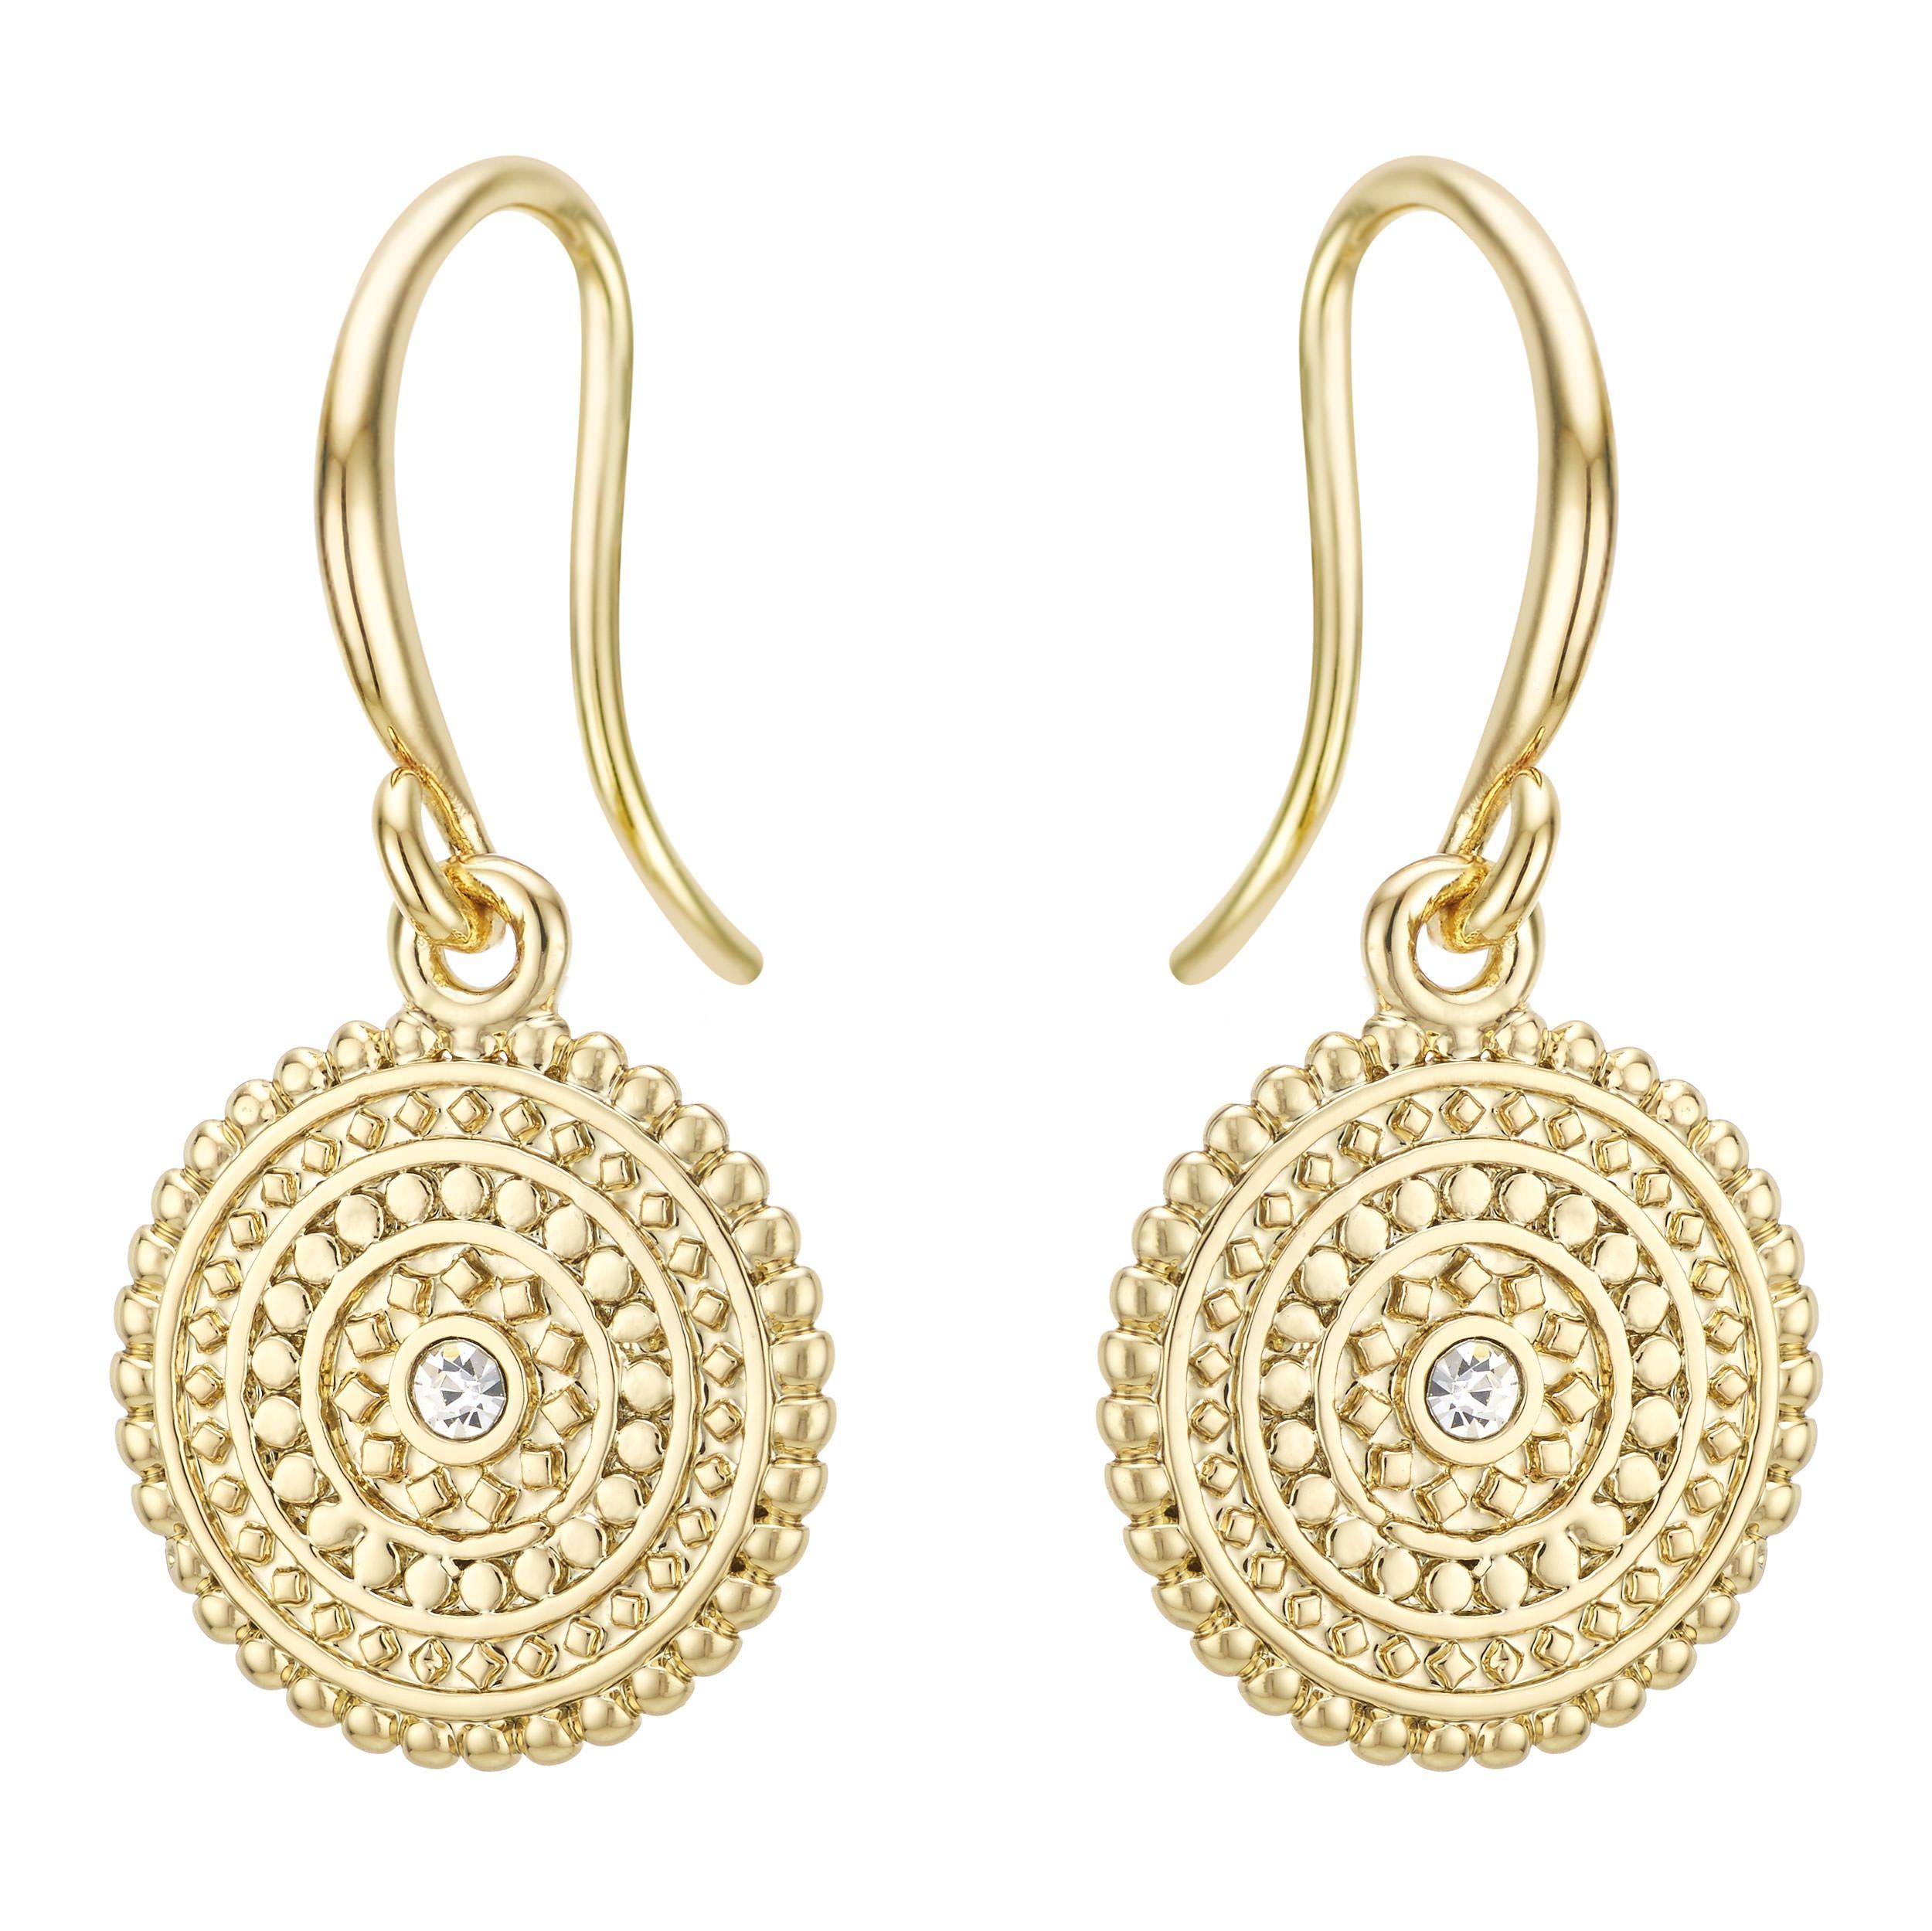 Buckley London La Havas Coin Earrings